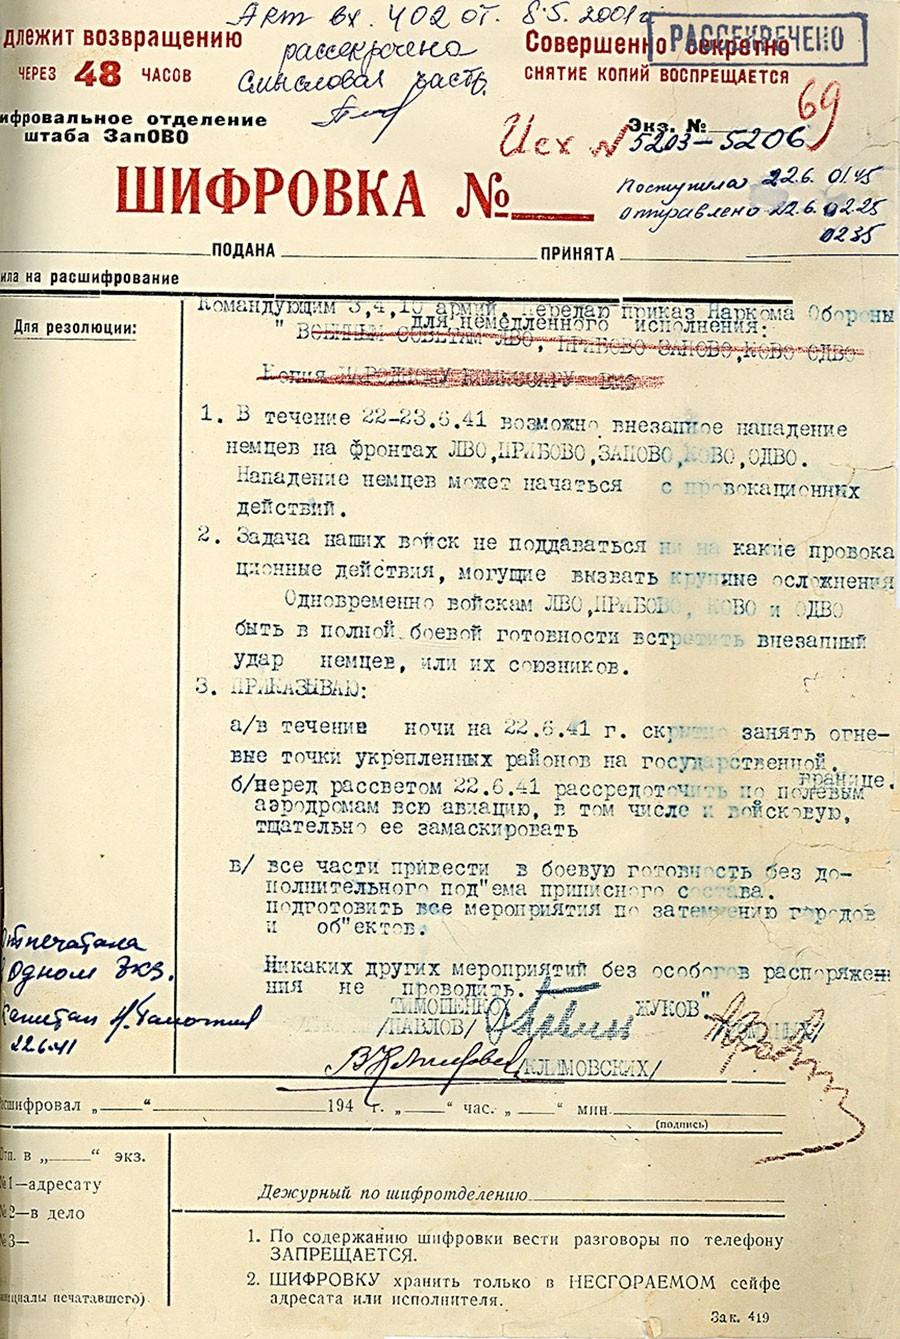 документ шифровка рассекреченный приказ минобороны рф 22 июня вов война